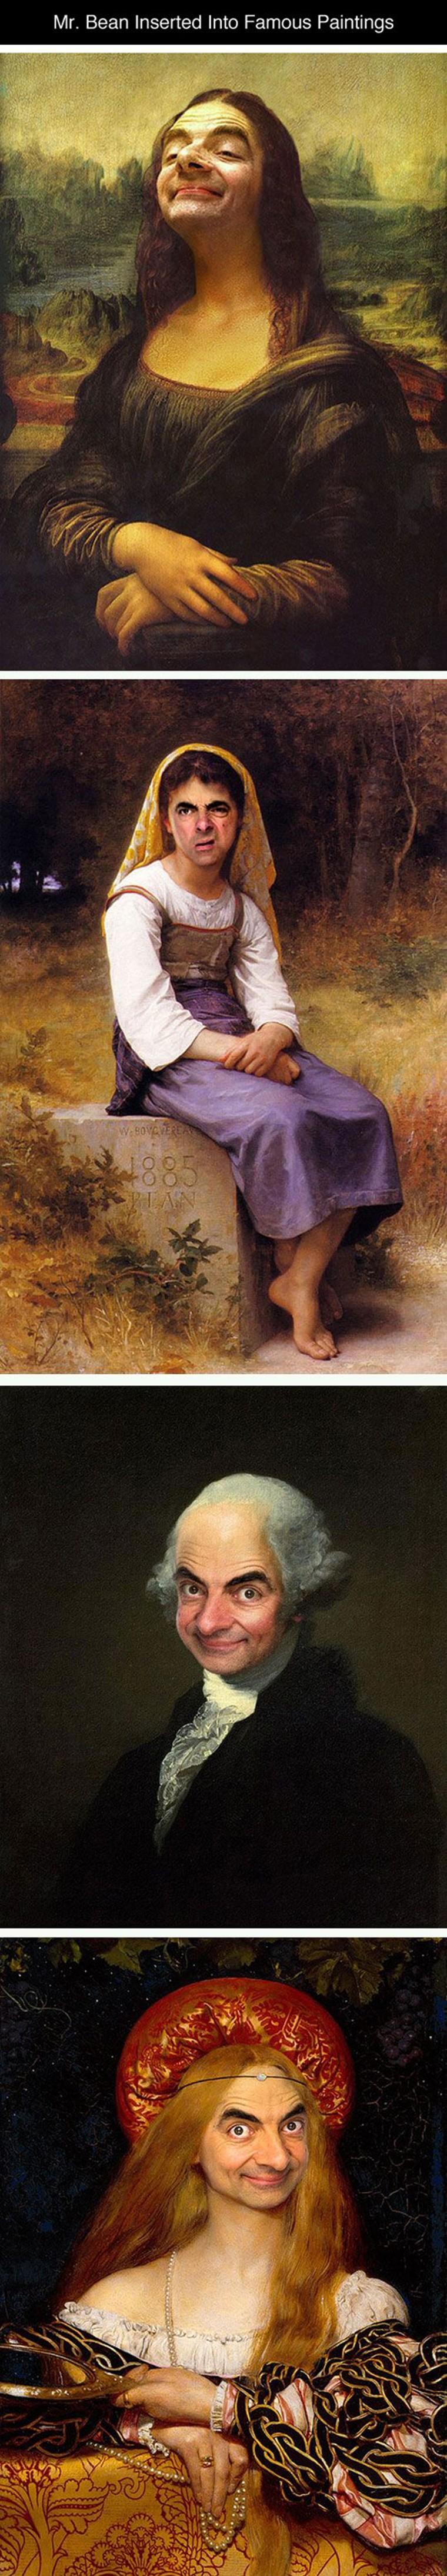 mr bean et les peintures celebres